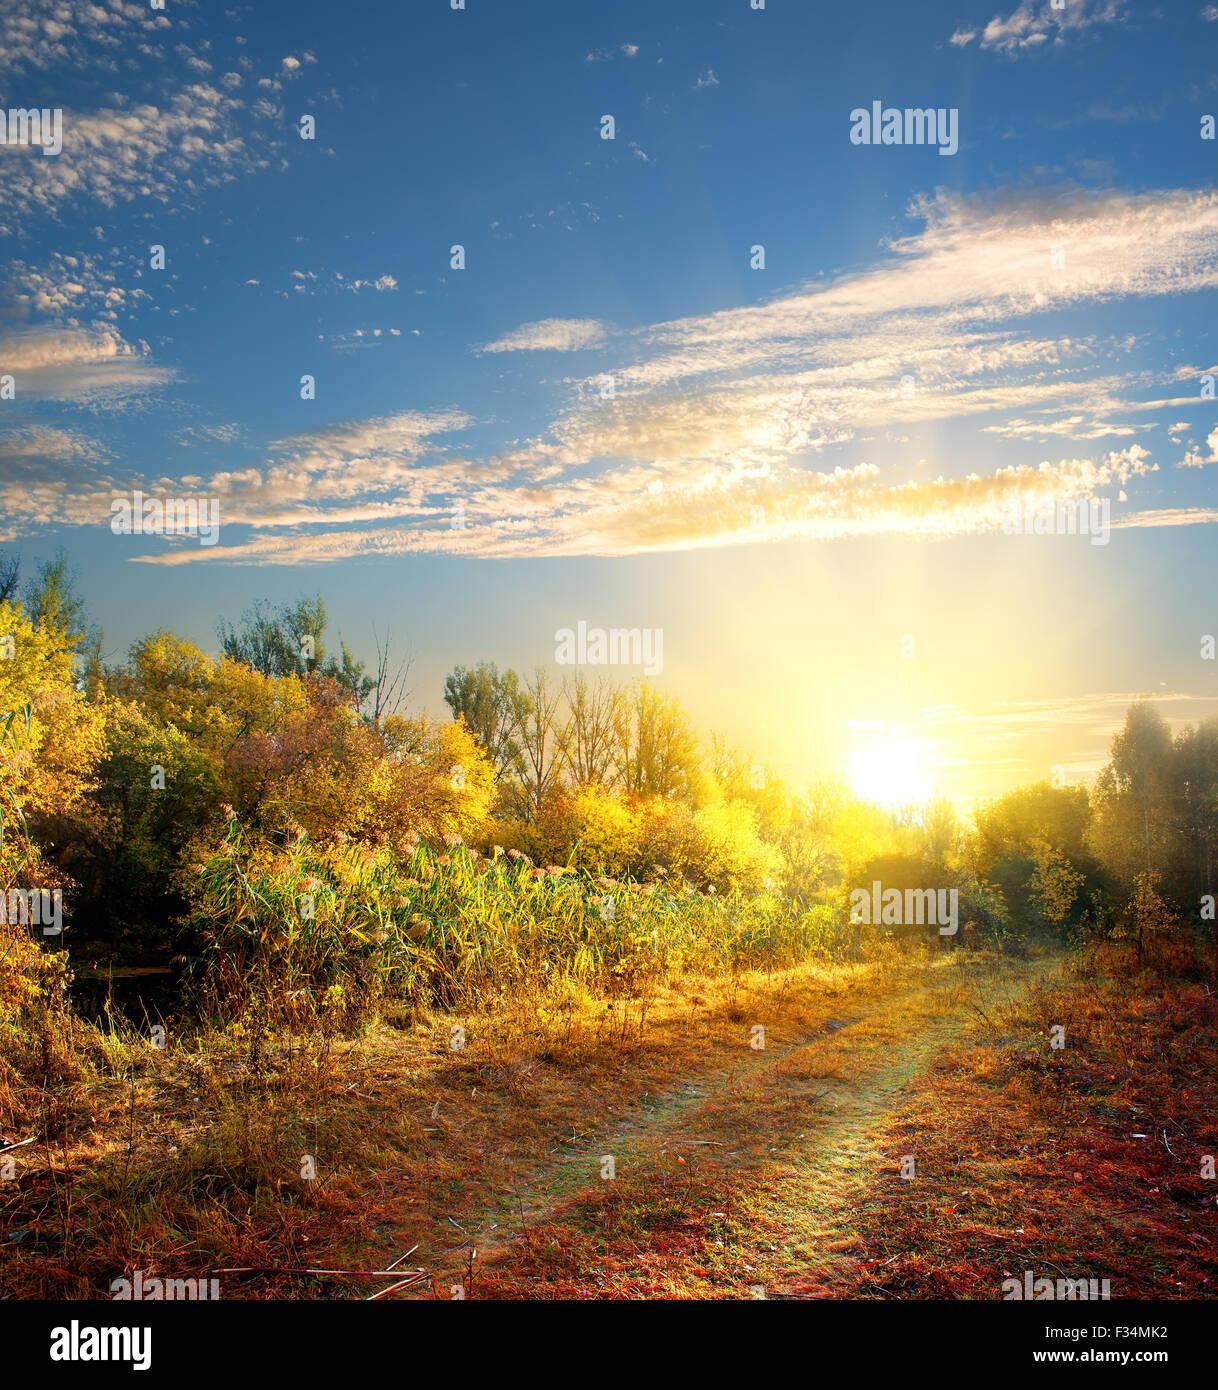 Route de campagne dans la forêt d'automne Photo Stock